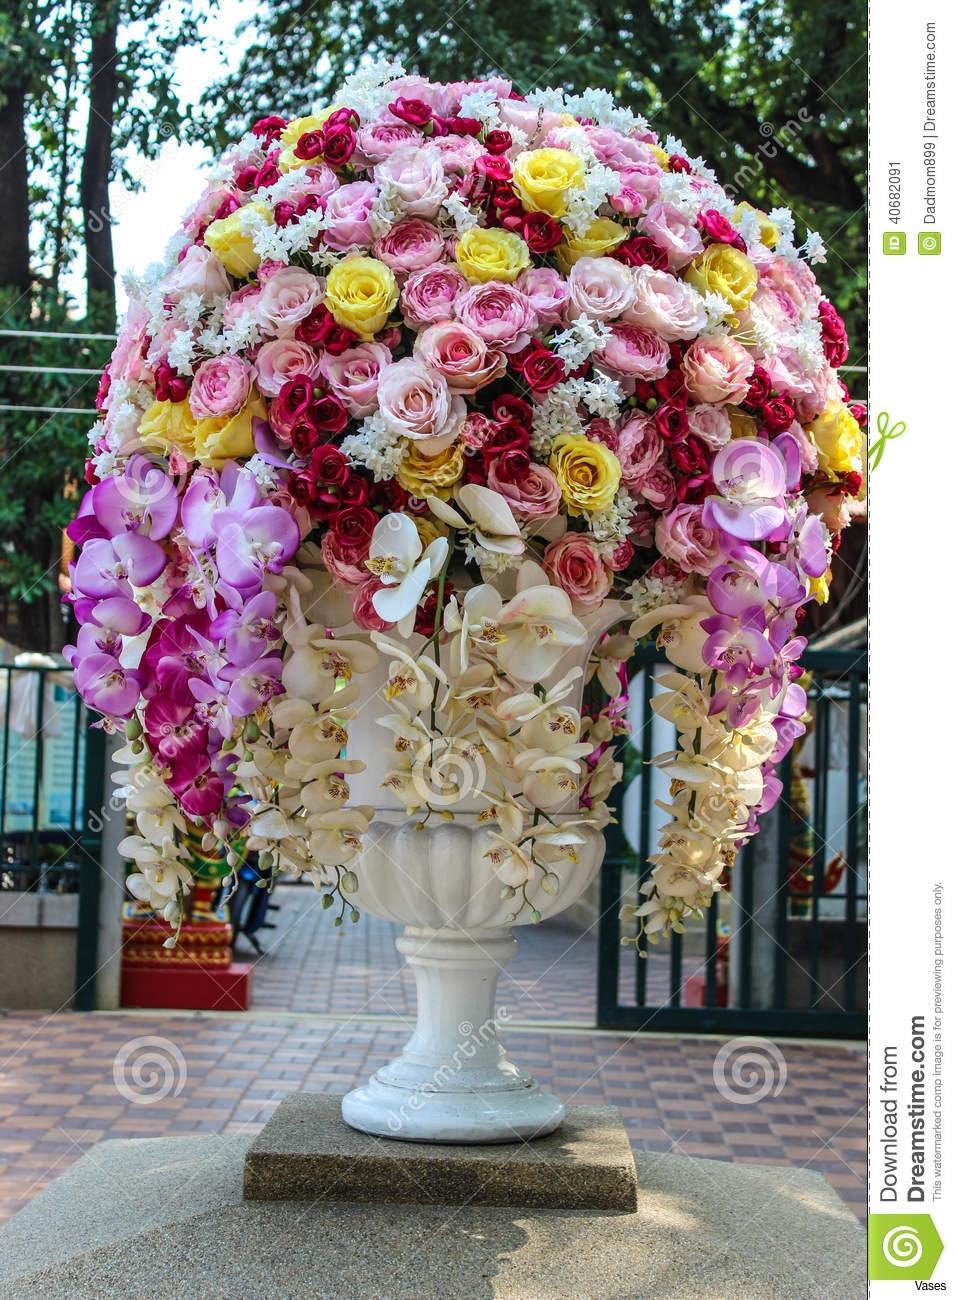 flower vase ideas of floor decorative vases inspirational floor vases ideas lovely for with floor decorative vases new vases flower floor vase with flowersi 0d outdoor arrangements scheme of floor